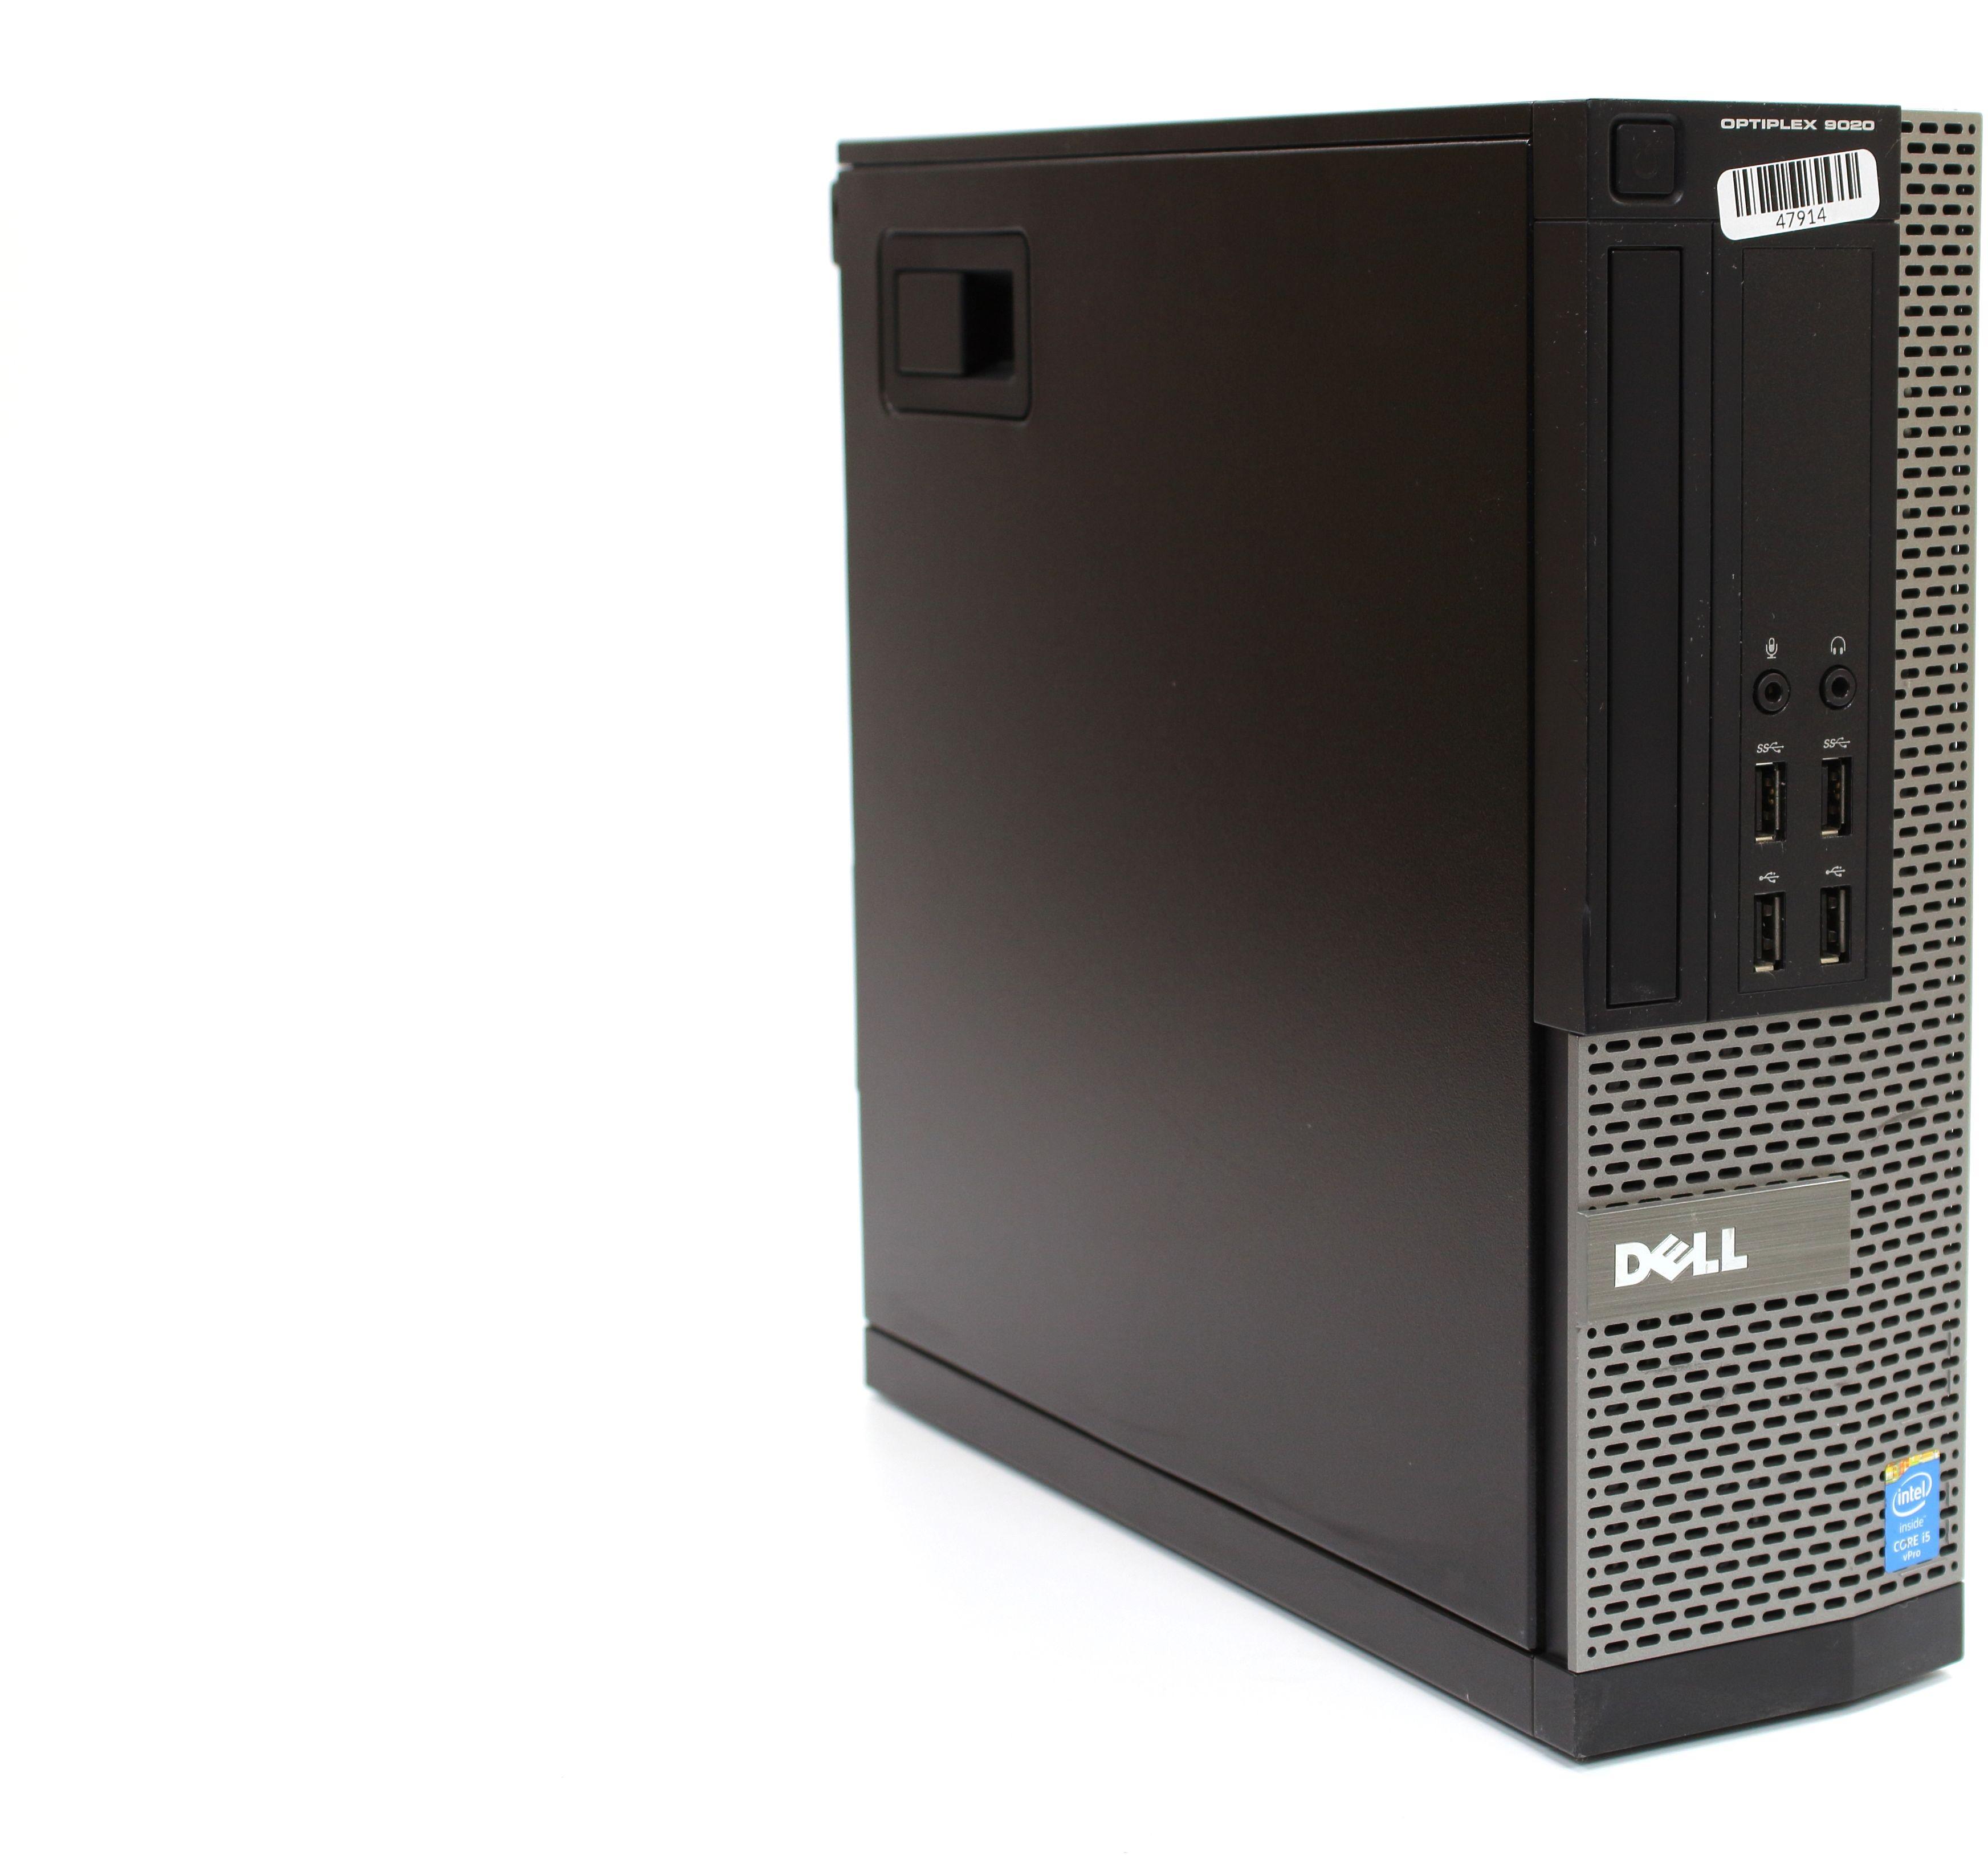 Komputer Dell OptiPlex 9020 SFF i5-4690 4x3.90GHz 8GB 256GB SSD Windows 8/10 Professional